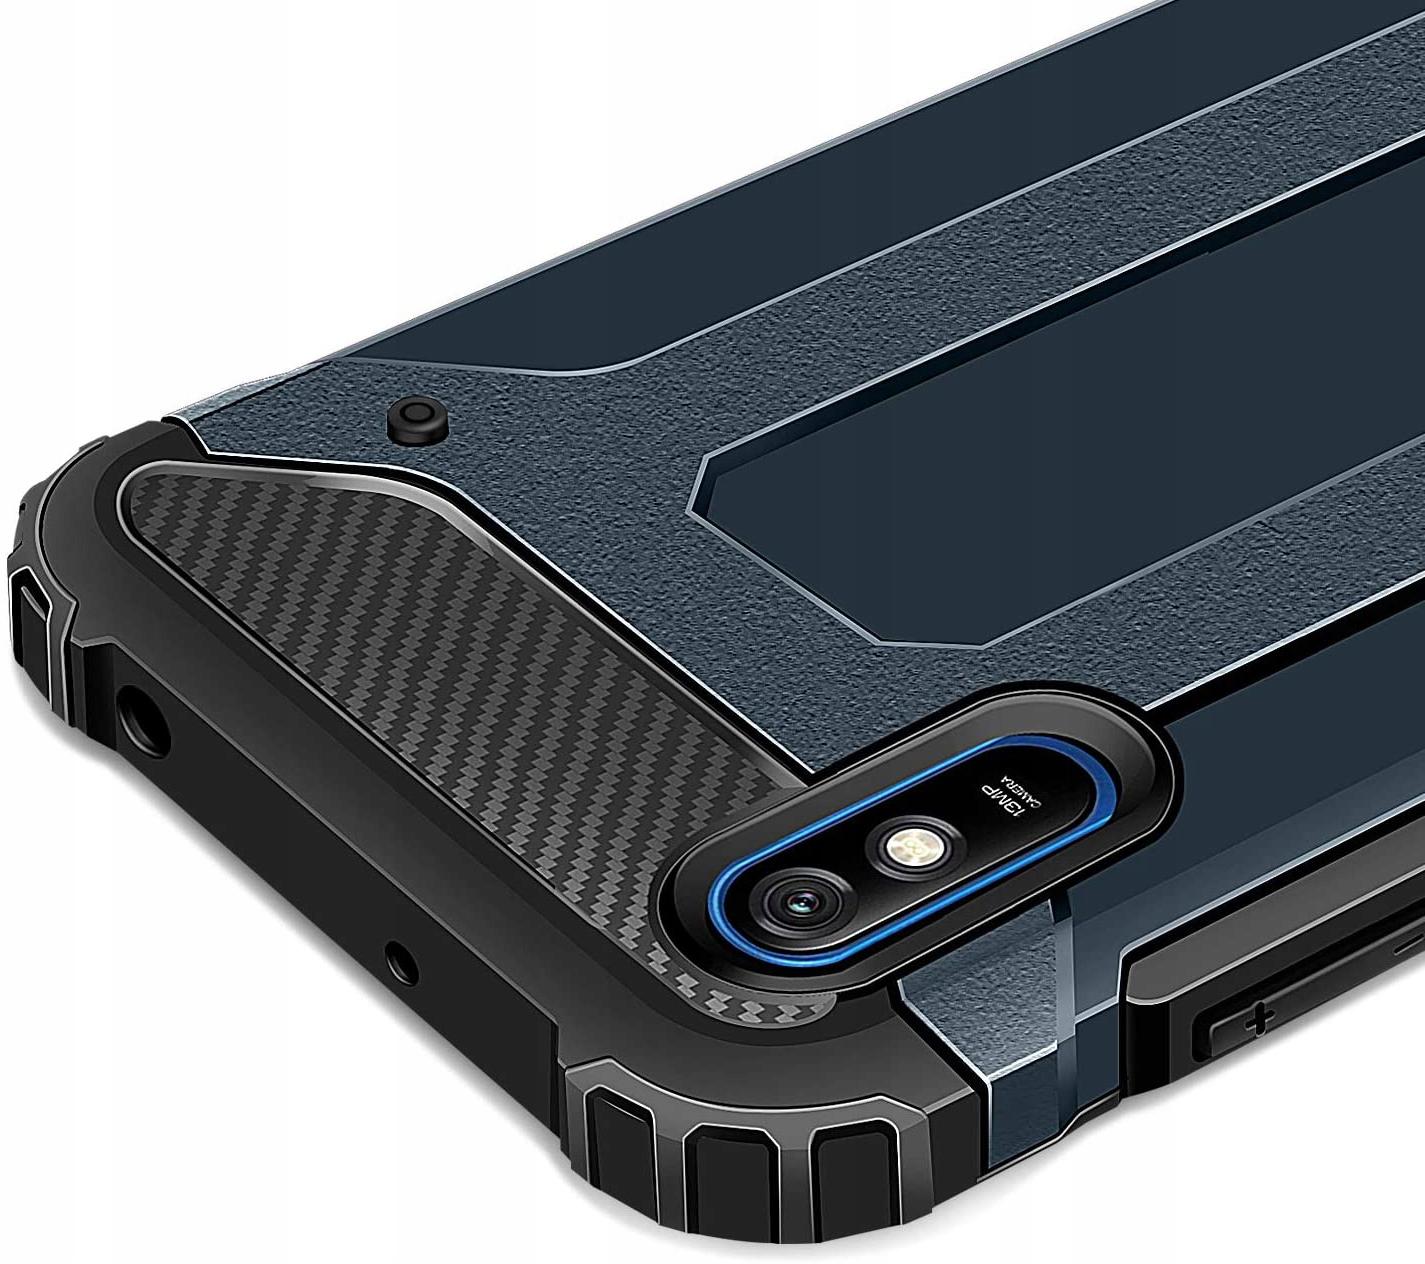 Etui do Xiaomi Redmi 9A Pancerne Case Armor +Szkło Dedykowany model Xiaomi Redmi 9A